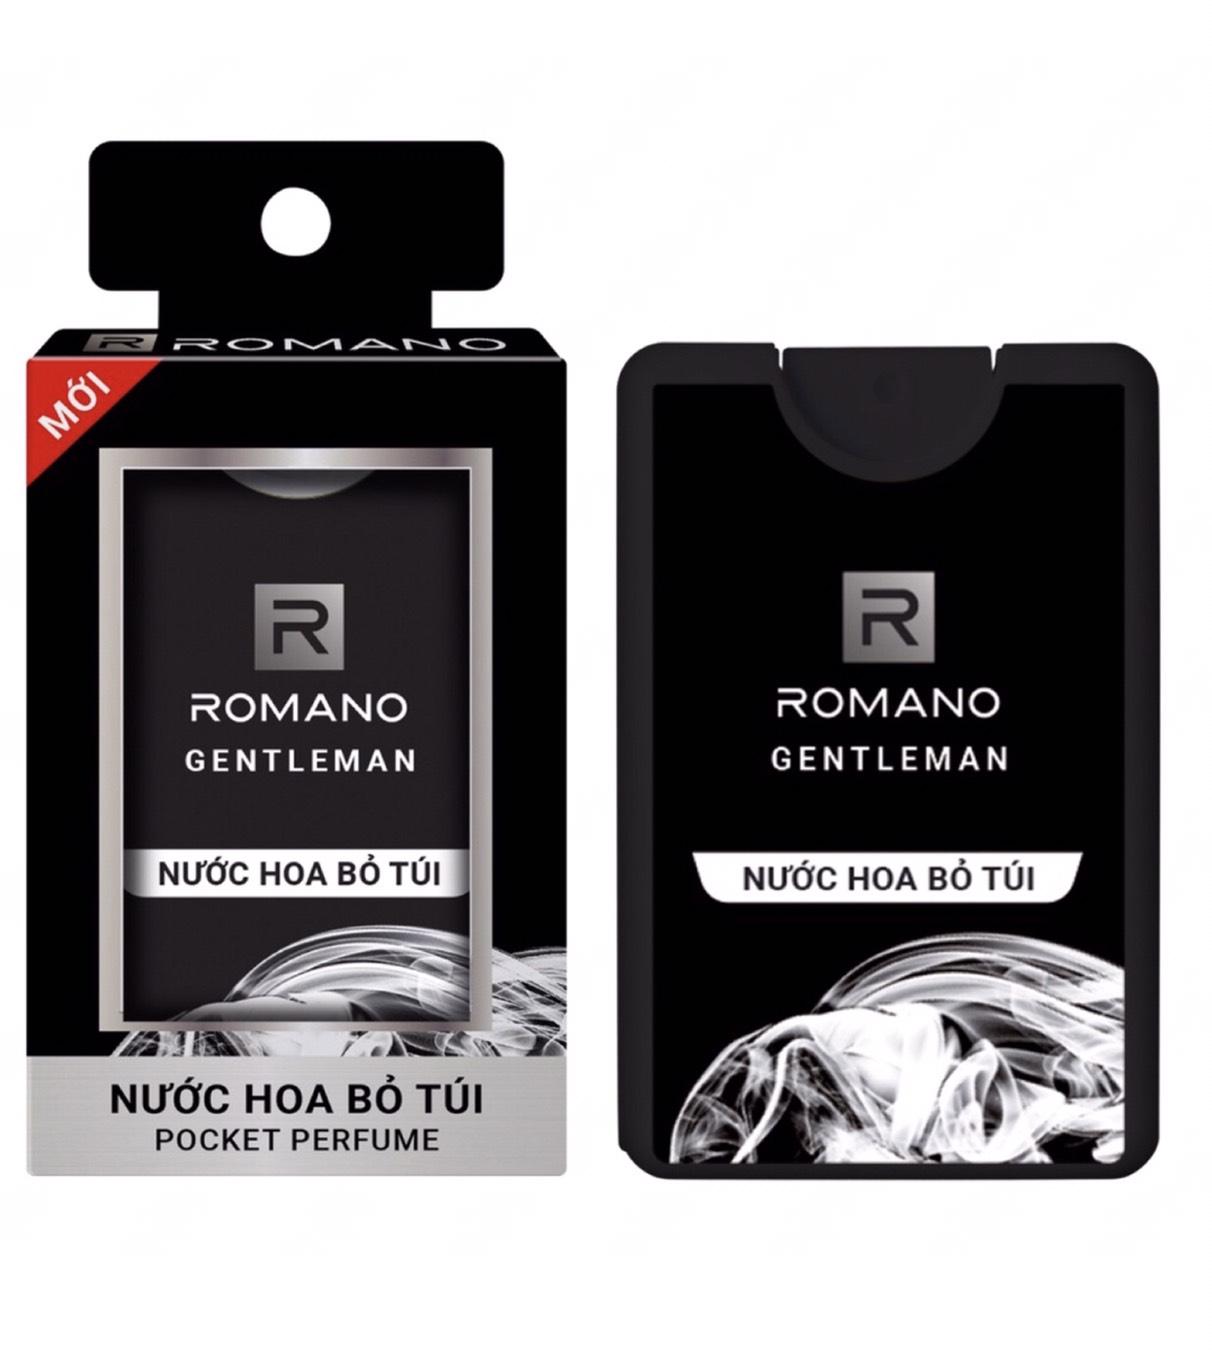 Nước hoa bỏ túi Romano chai 18ml (250 lần sử dụng) - đen